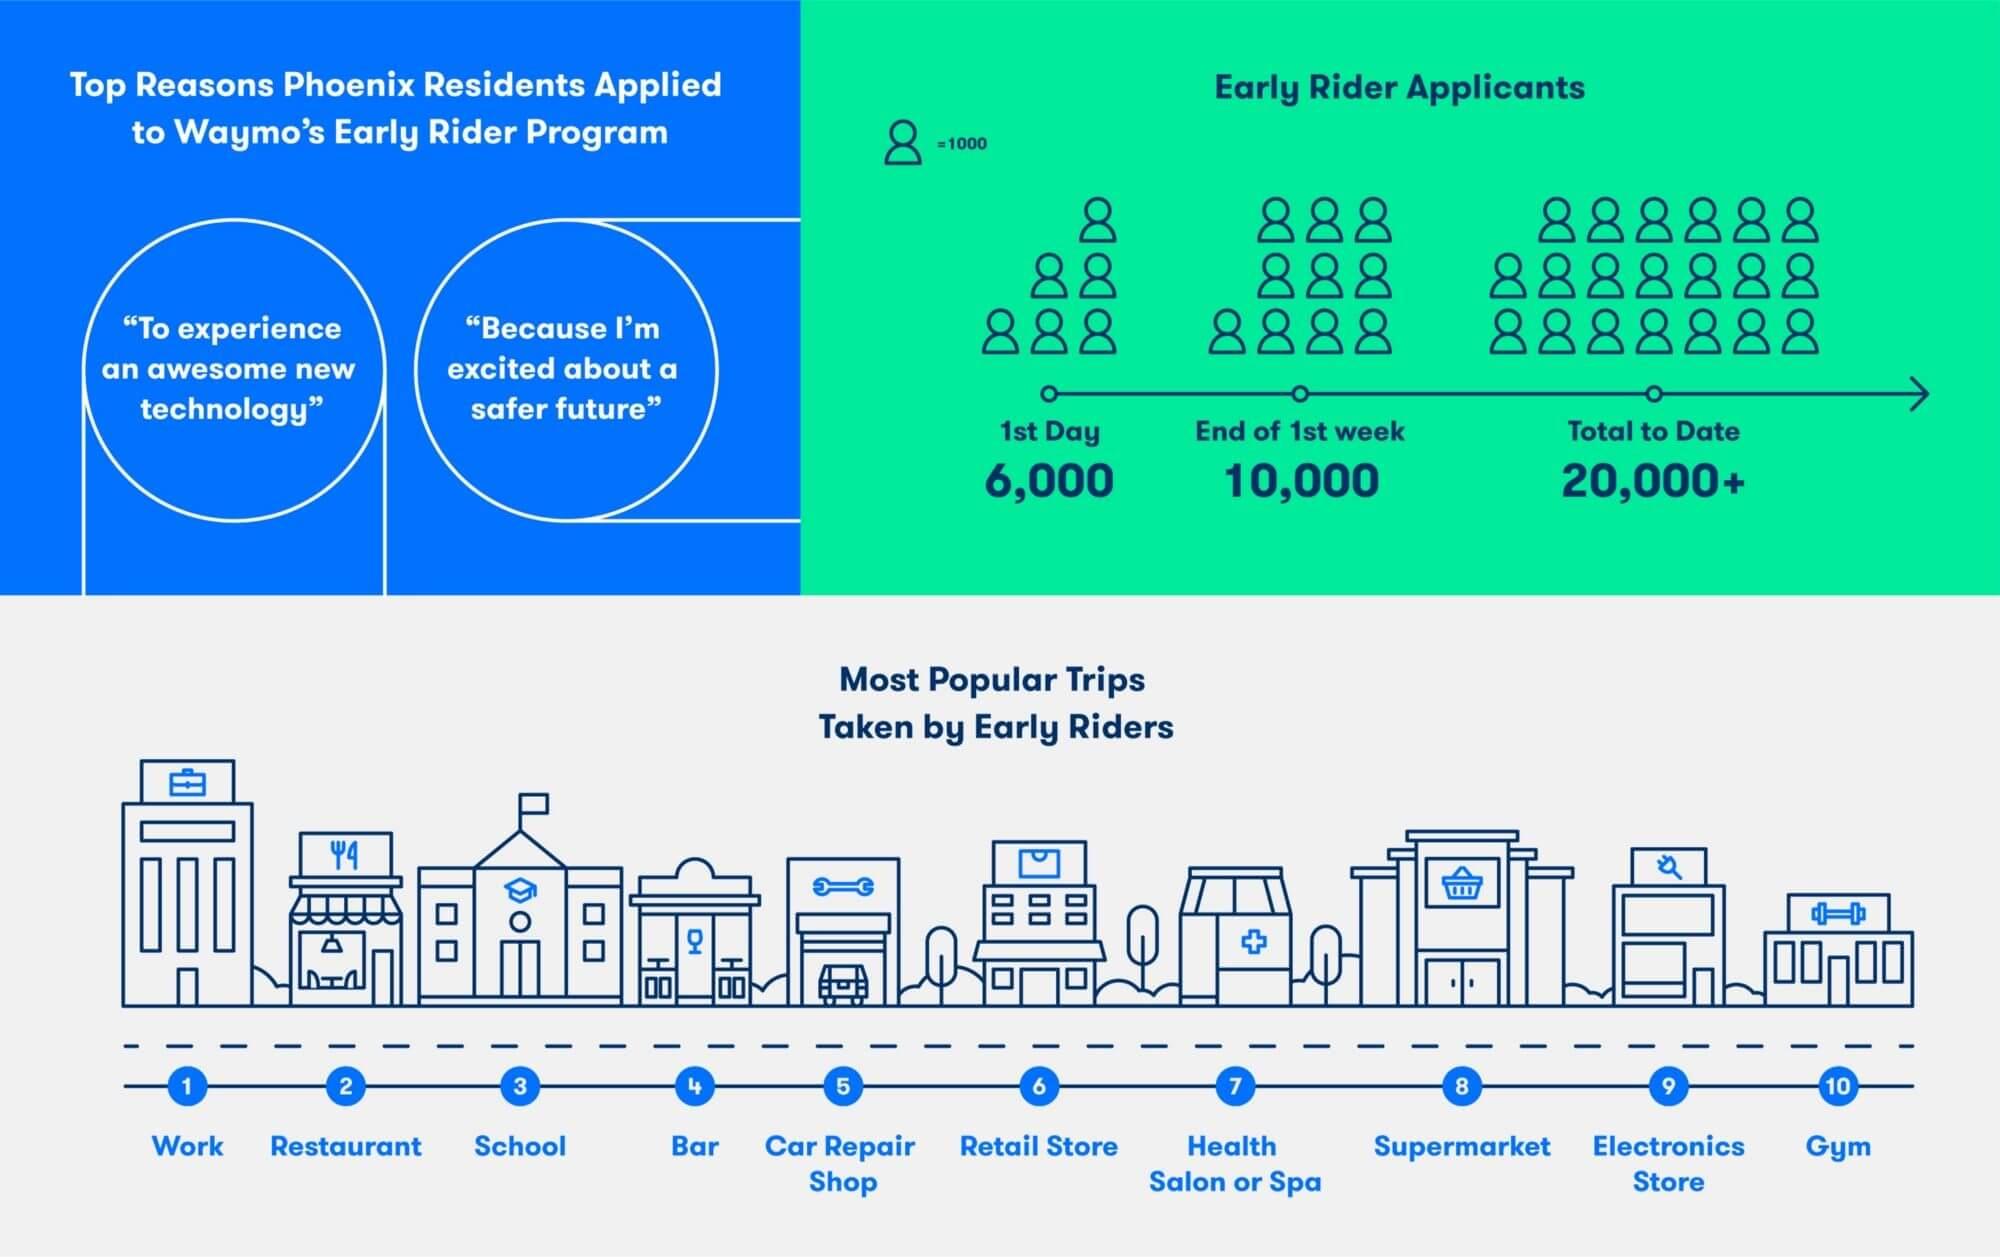 Пользовательская инфографика службы Waymo: почему используют и самые популярные маршруты